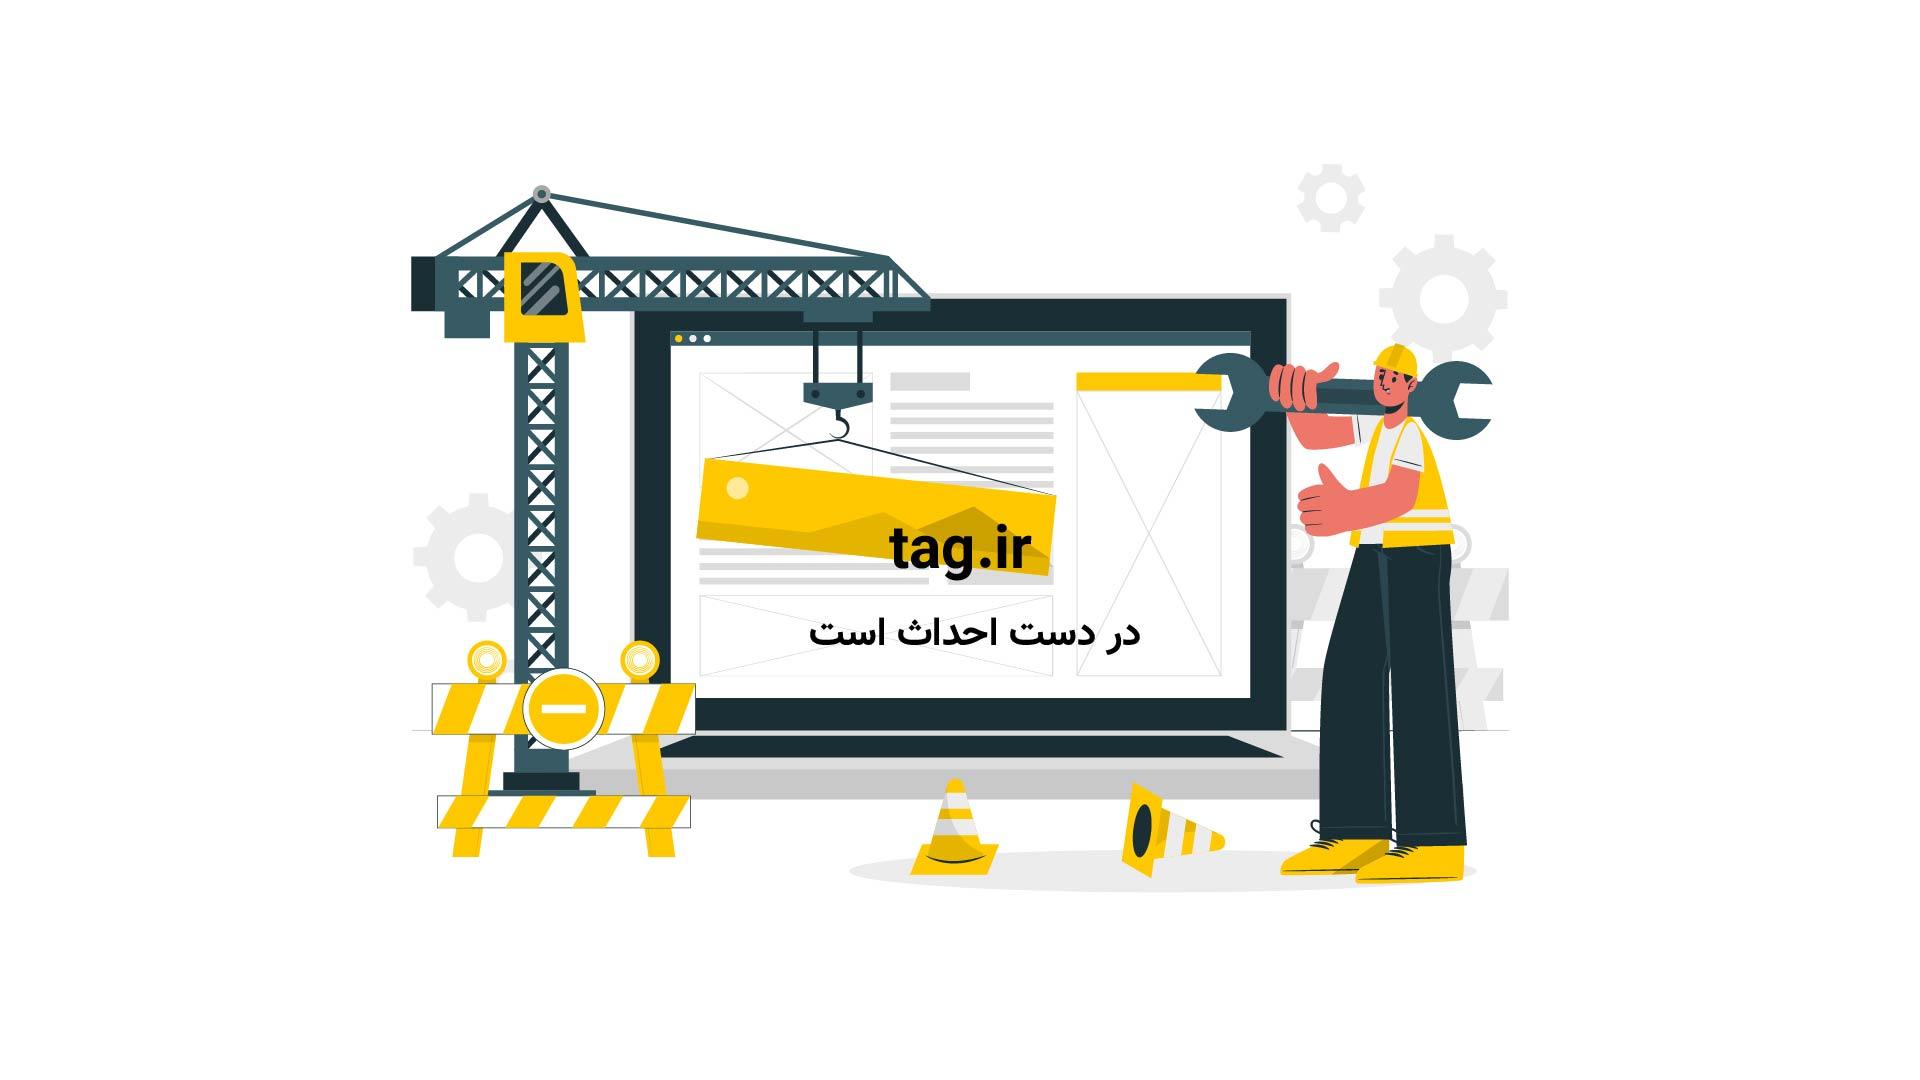 حمله داعش به ایران | تگ